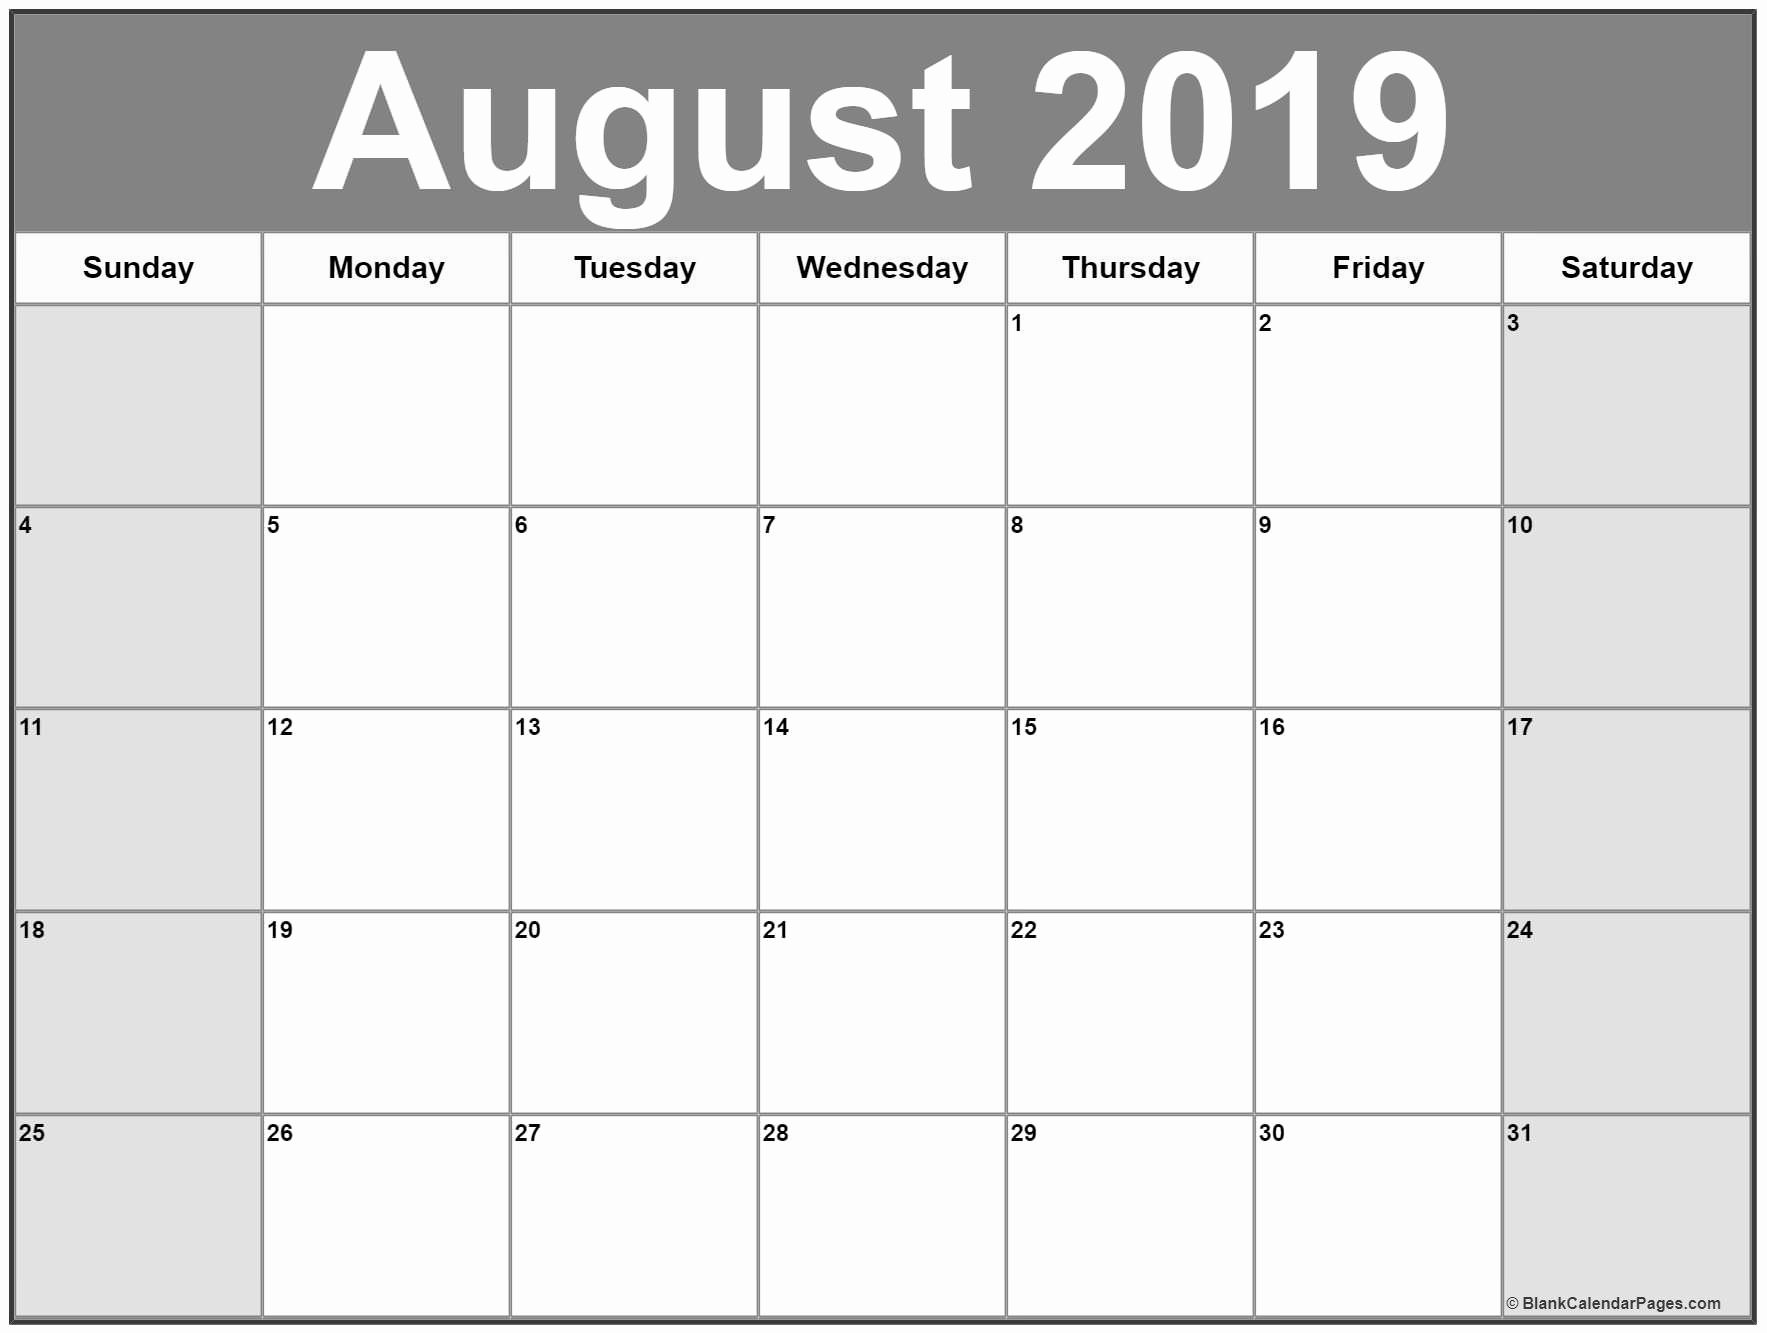 Blank August Calendar 2019 Template